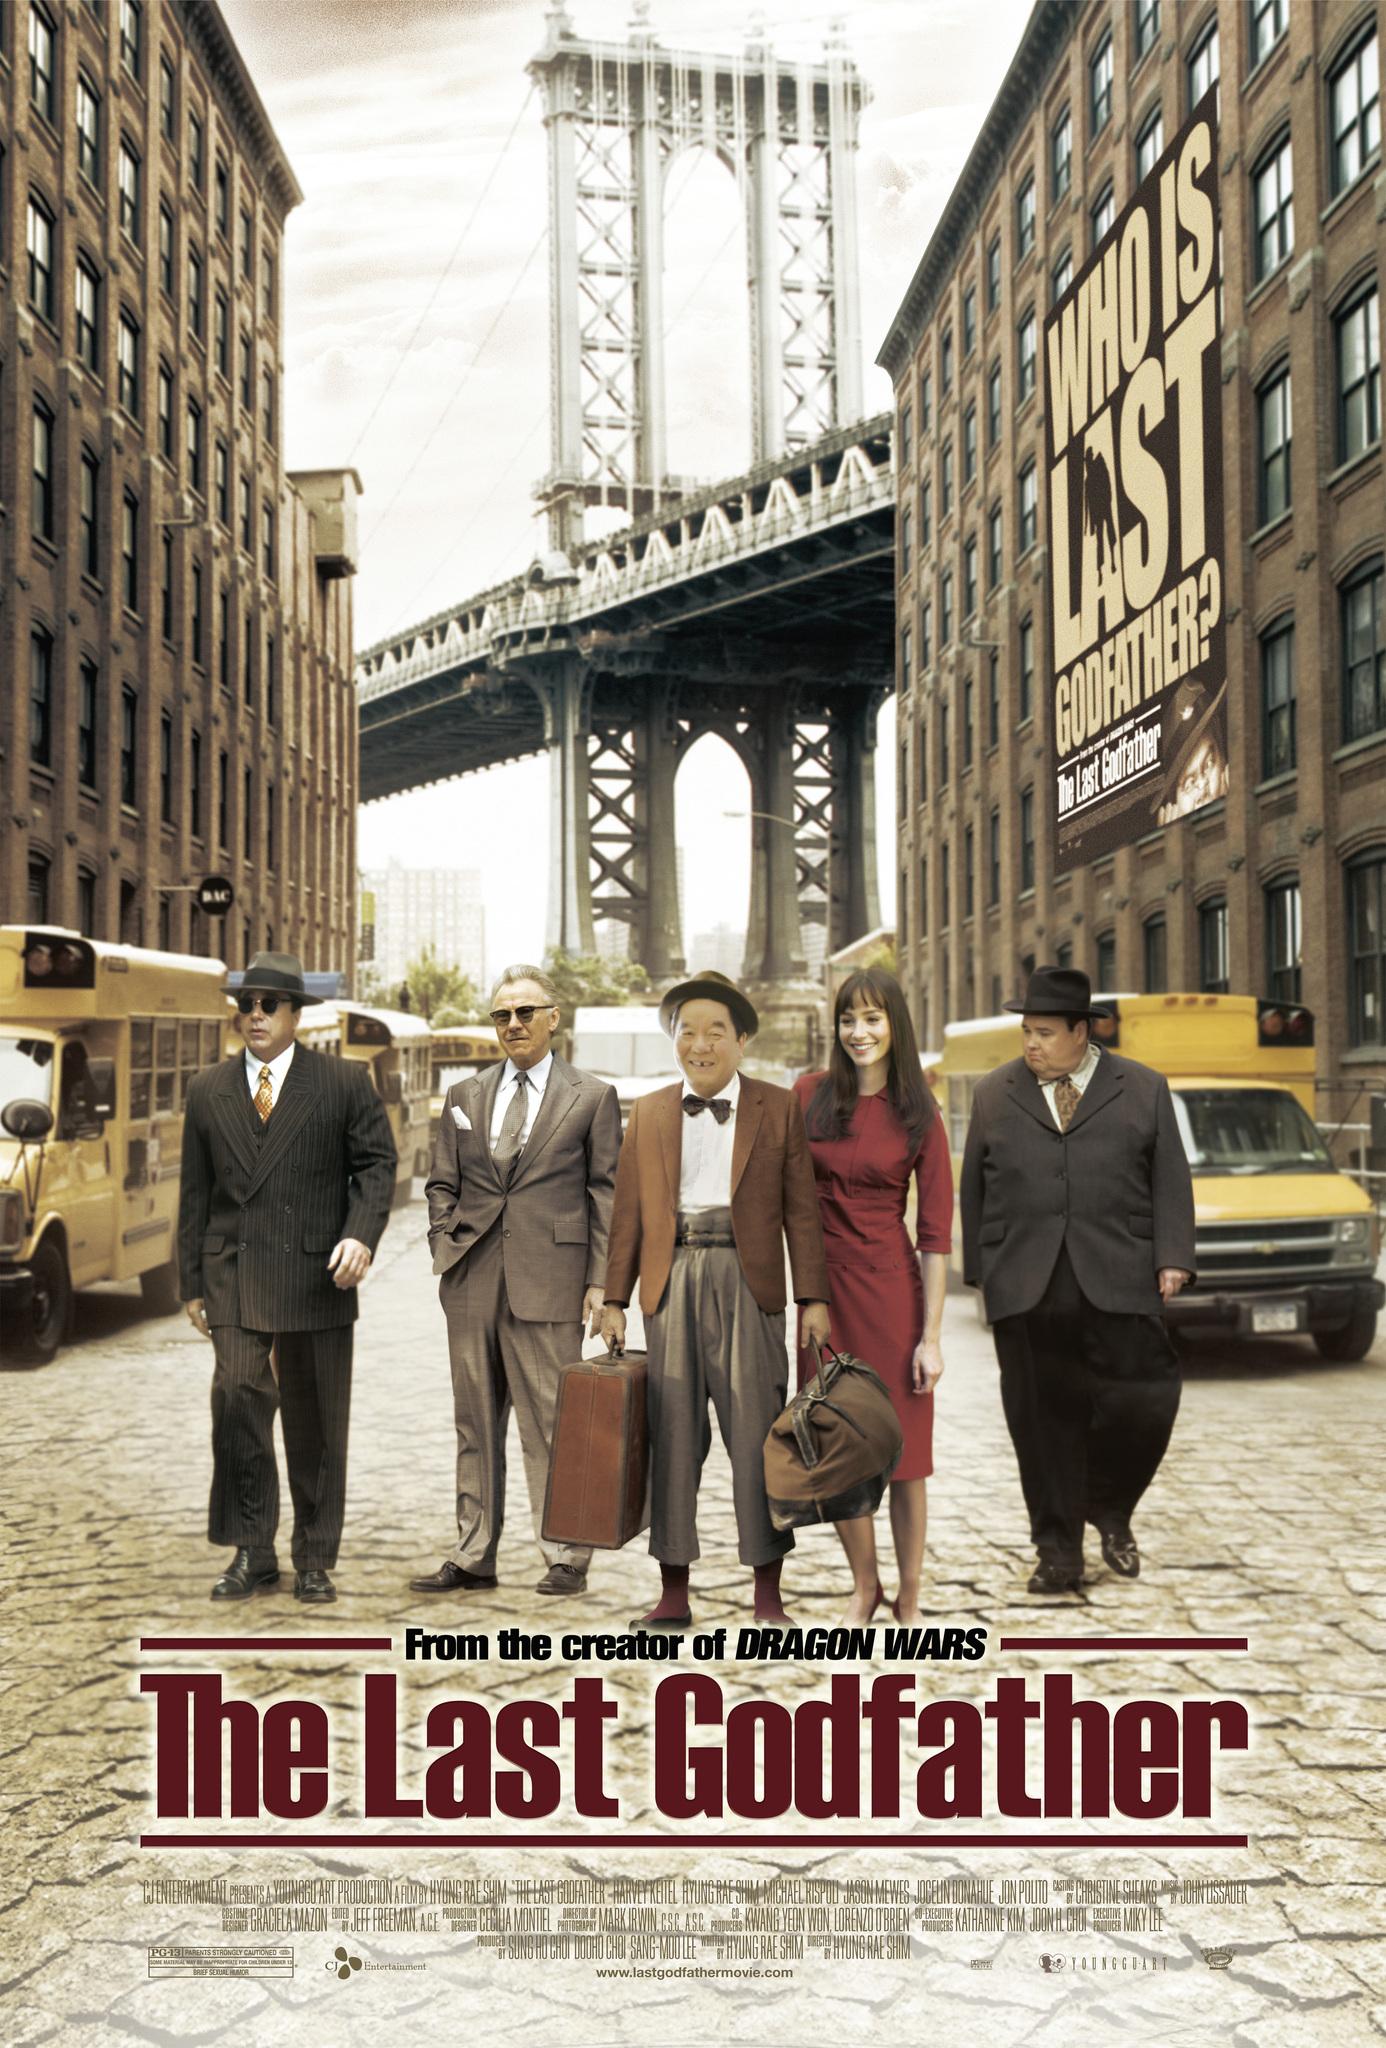 The Last Godfather (2010) - IMDb